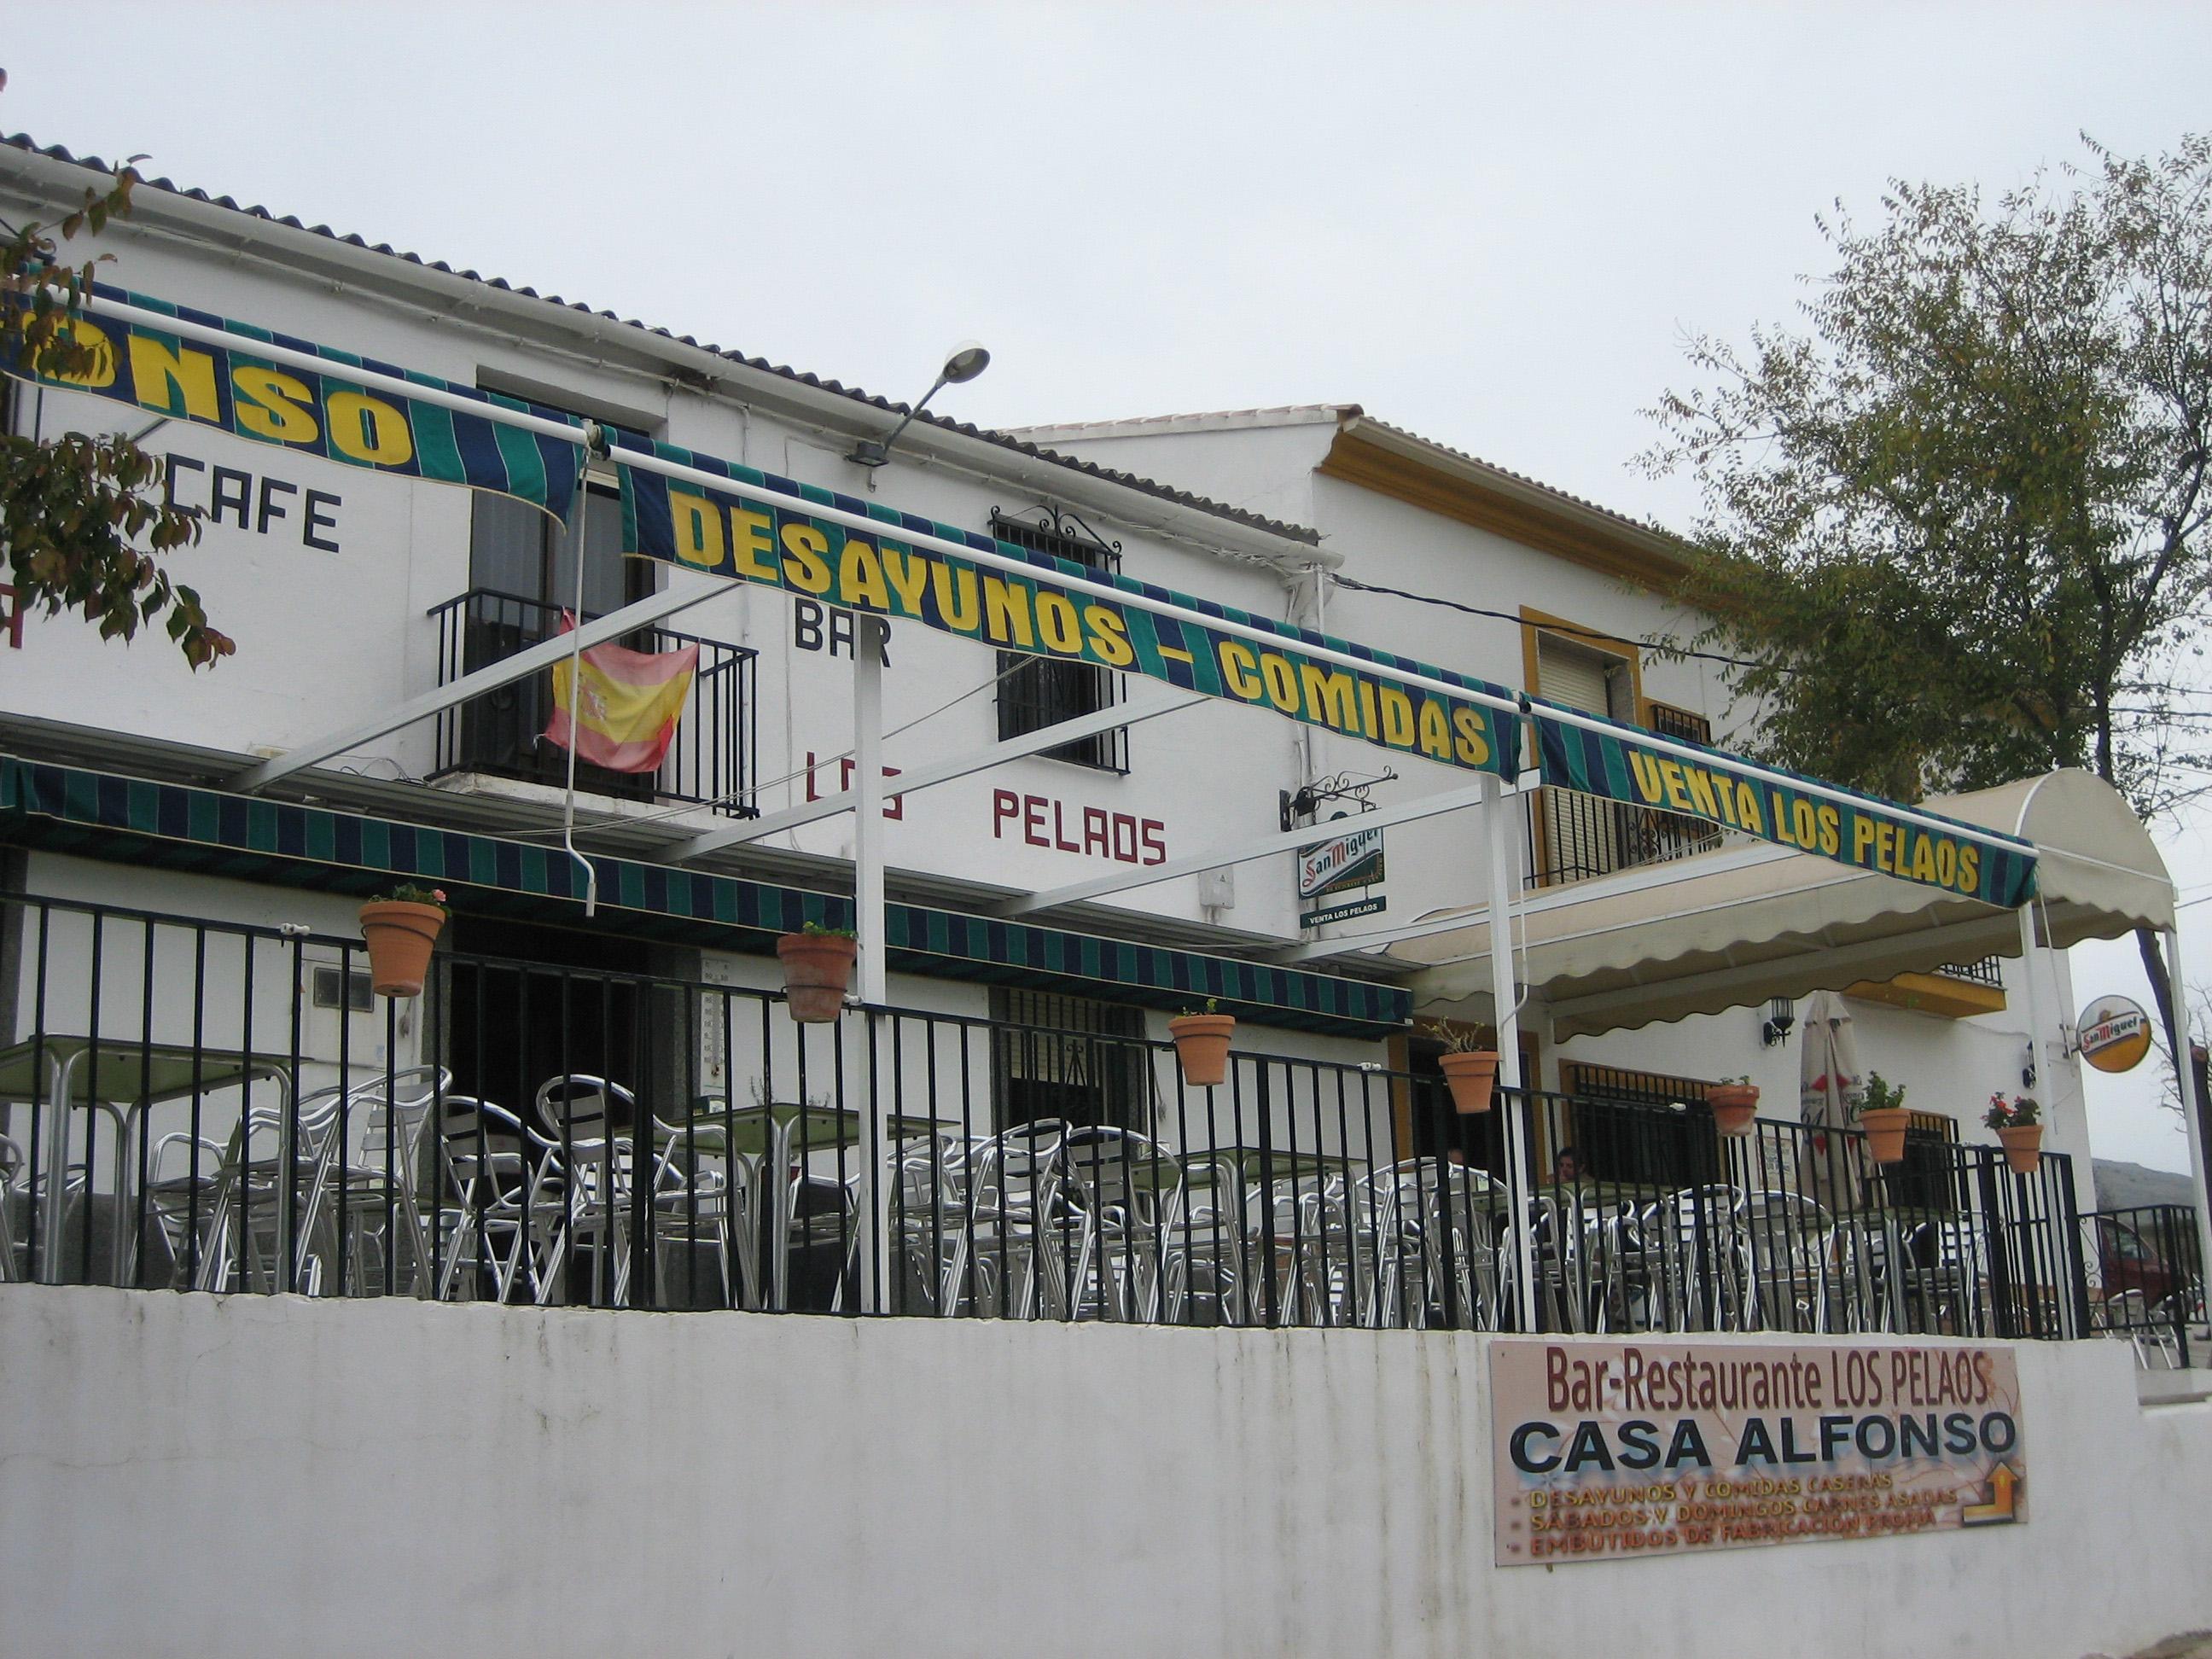 Restaurante Los Pelaos  Olor Andaluz